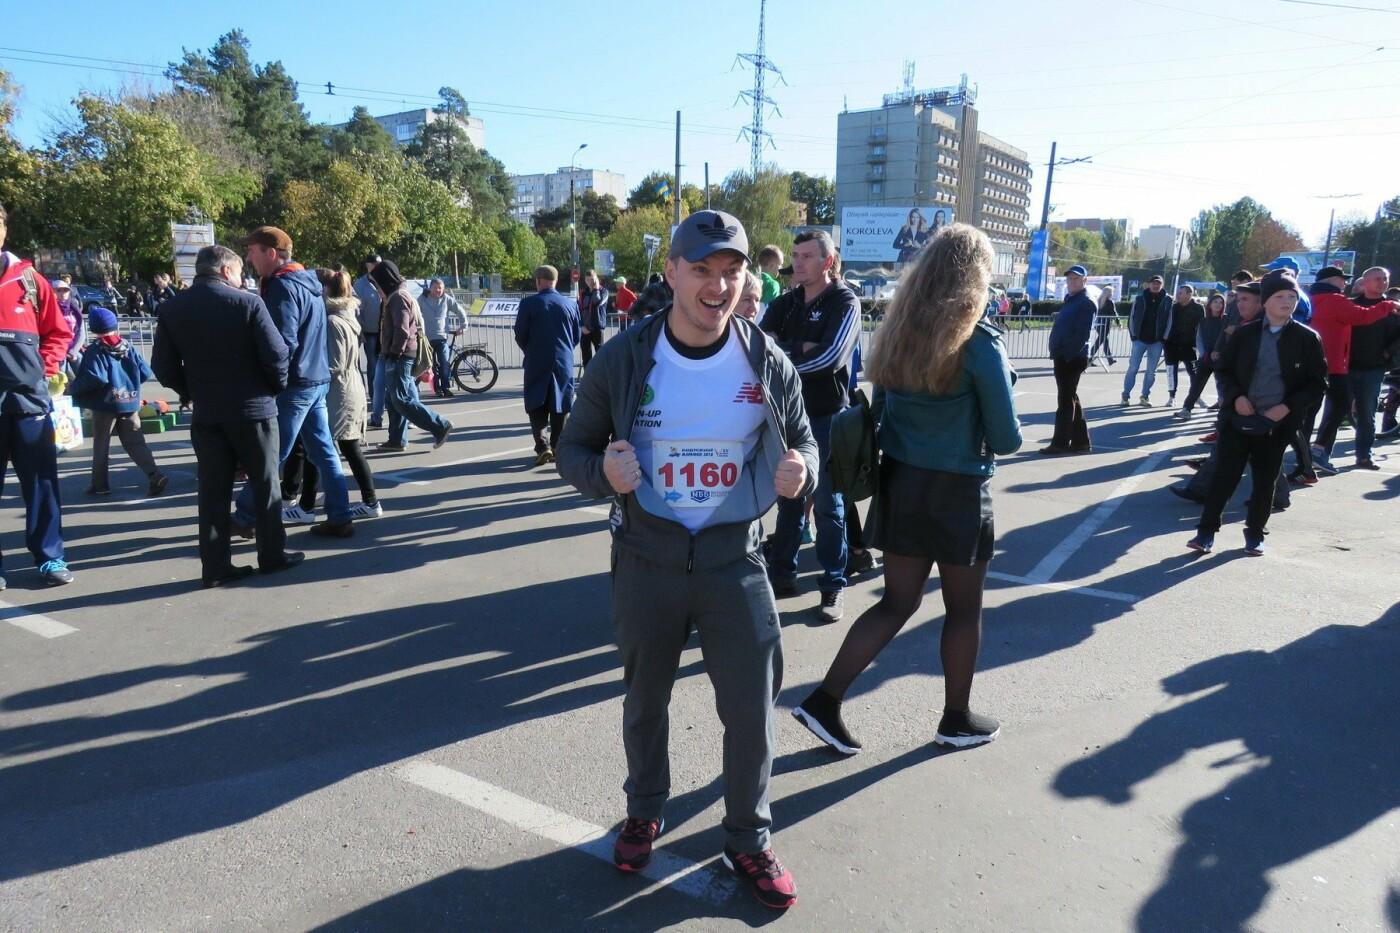 Понад 700 осіб взяли участь в Міжнародному Білоцерківському марафоні, фото-5